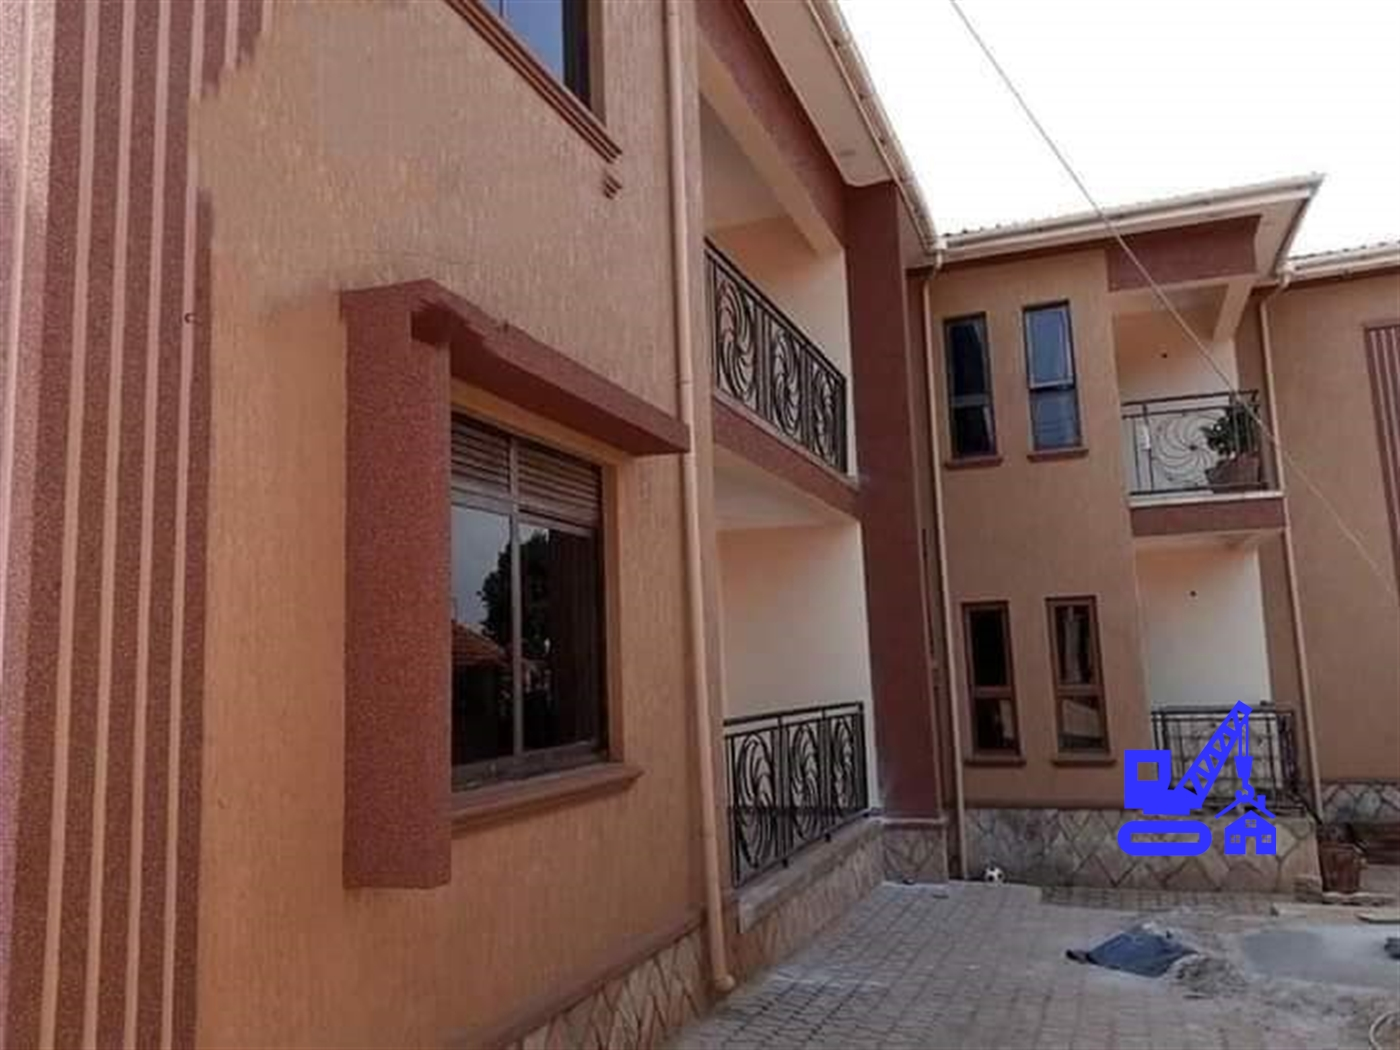 Apartment for rent in Kyanjja Kampala